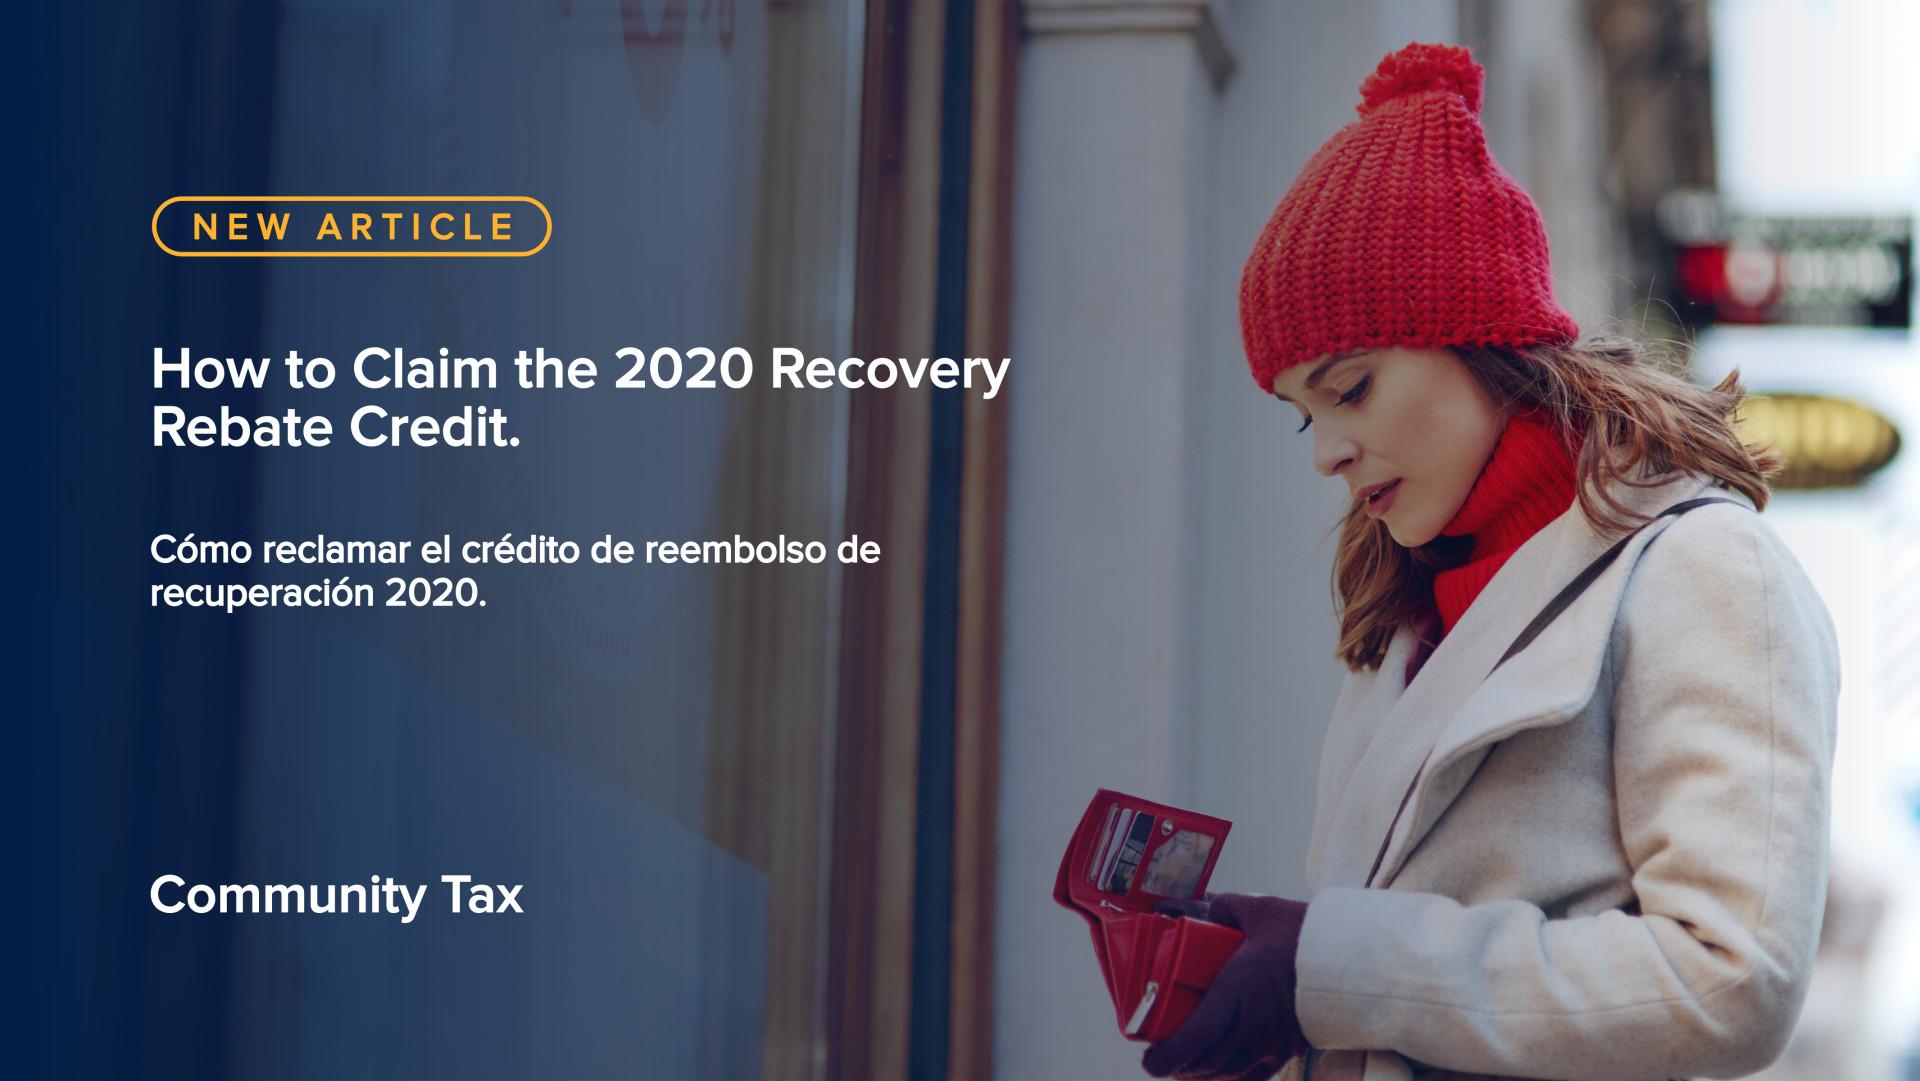 Cómo reclamar el crédito de reembolso de recuperación 2020